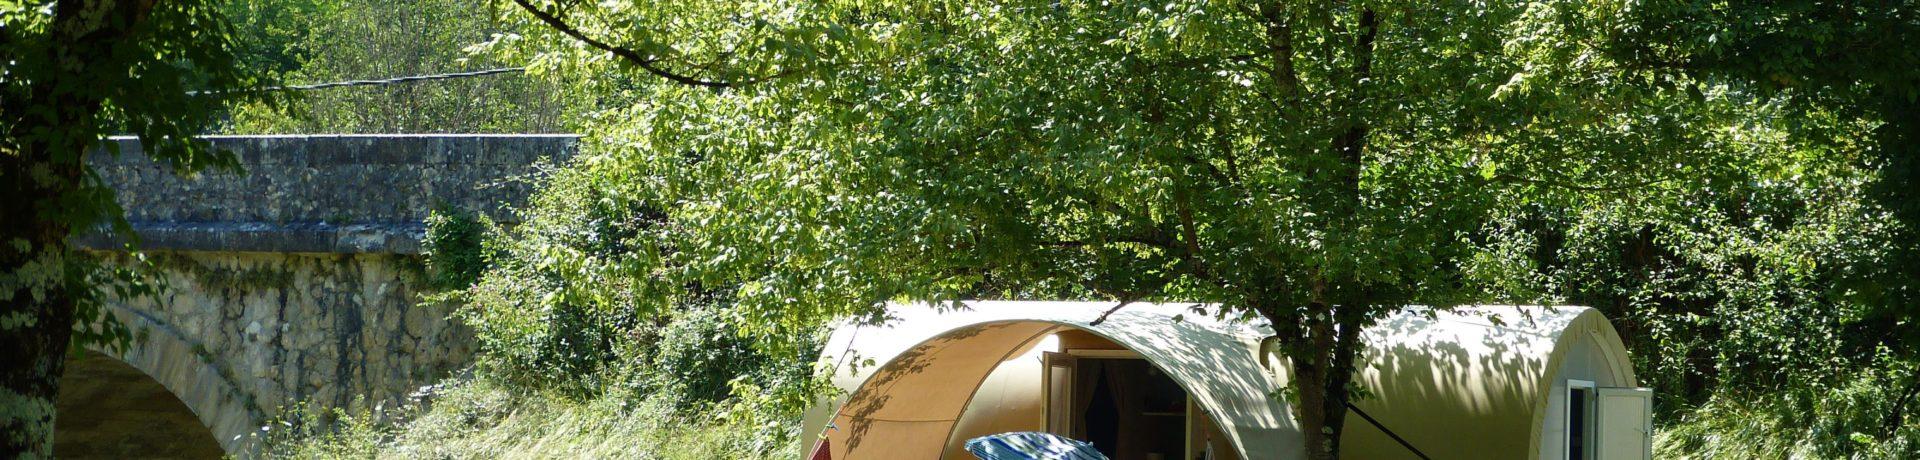 Camping Le Petit Pyrénéen in Le Mas-d'Azil is een kleine camping met zwembad in Ariège gelegen aan de rivier L'Arize in Occitanië.